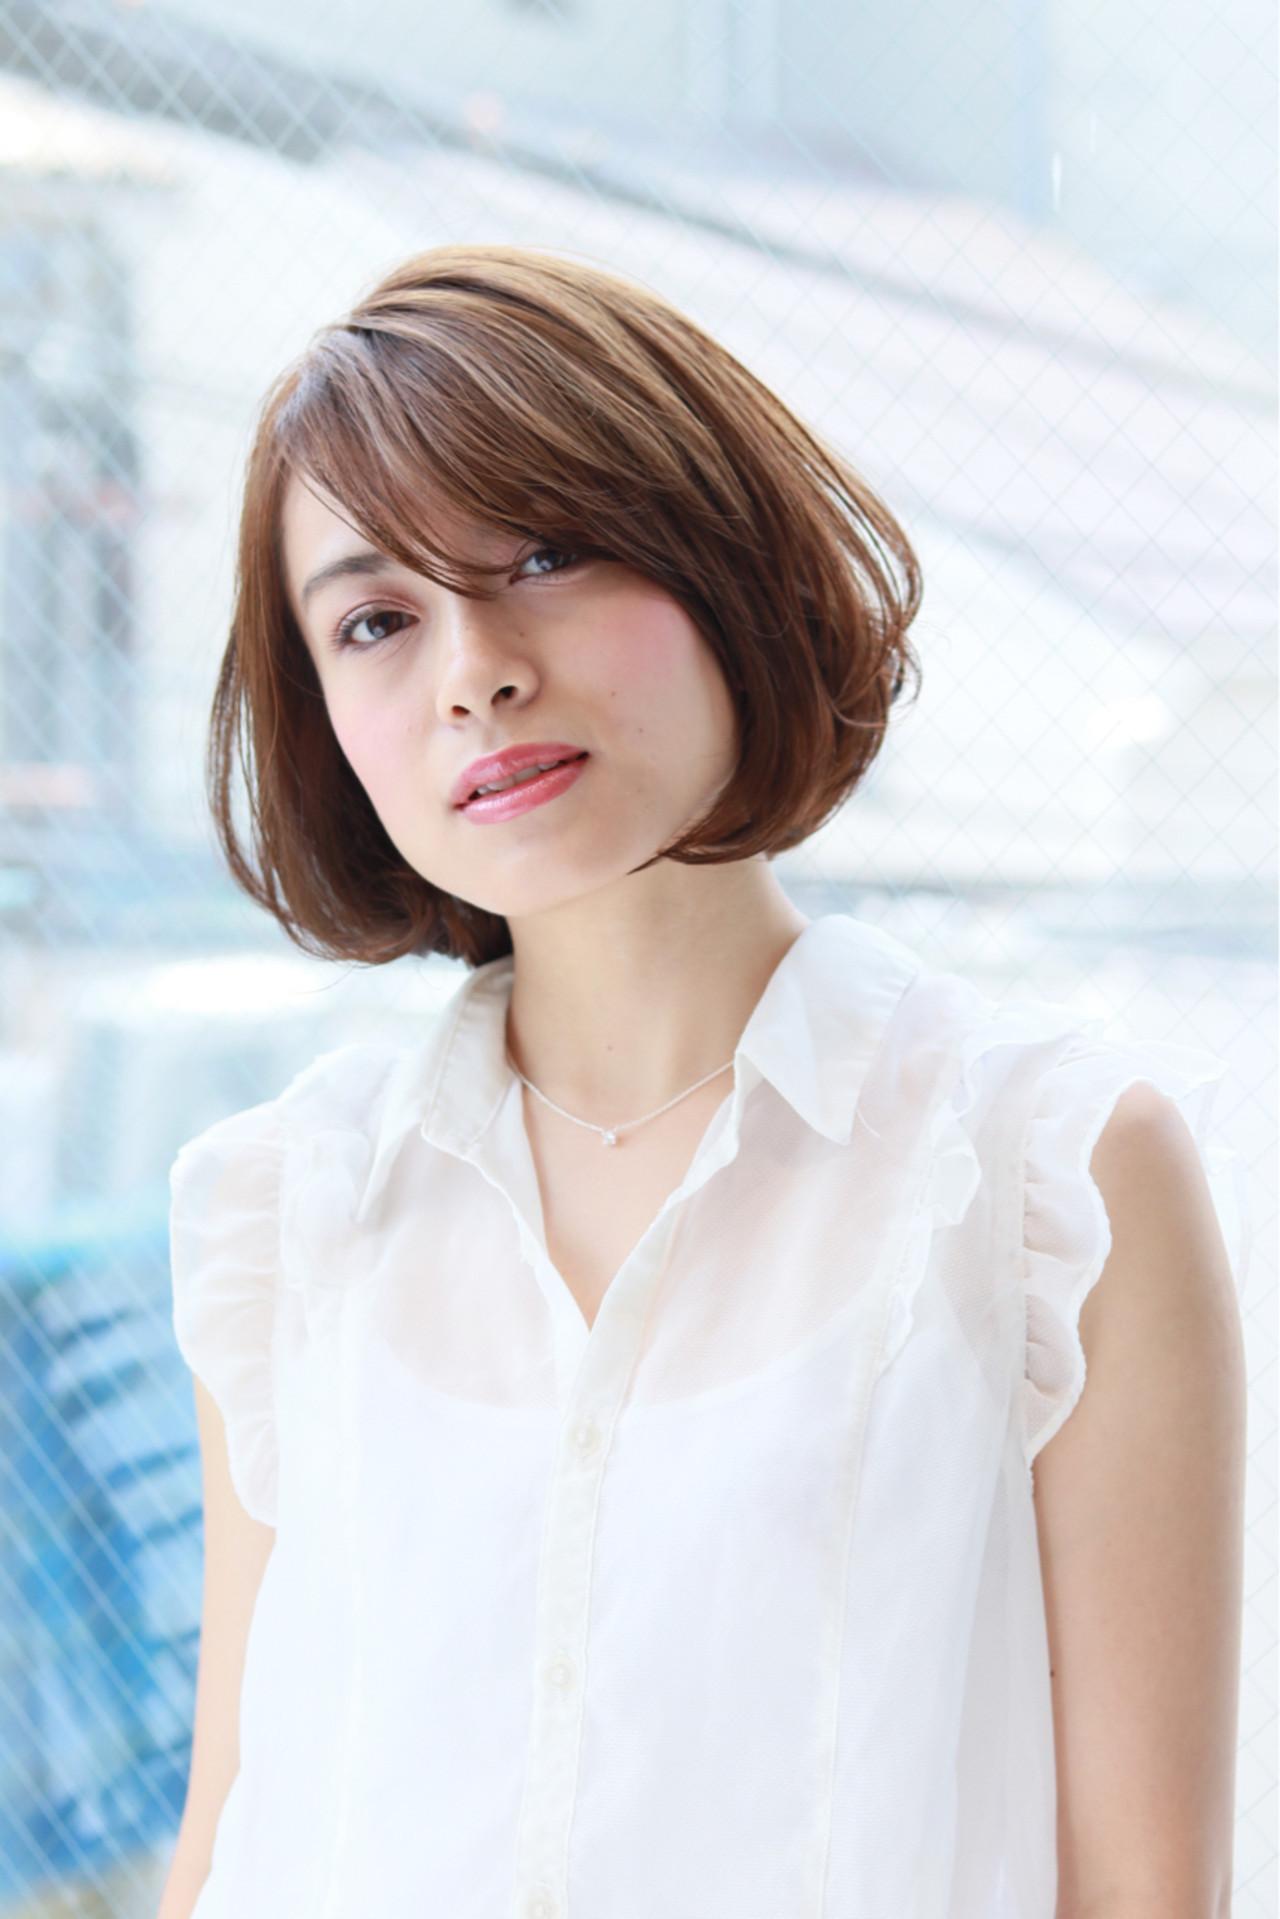 簡単 女子力 小顔 ナチュラル ヘアスタイルや髪型の写真・画像